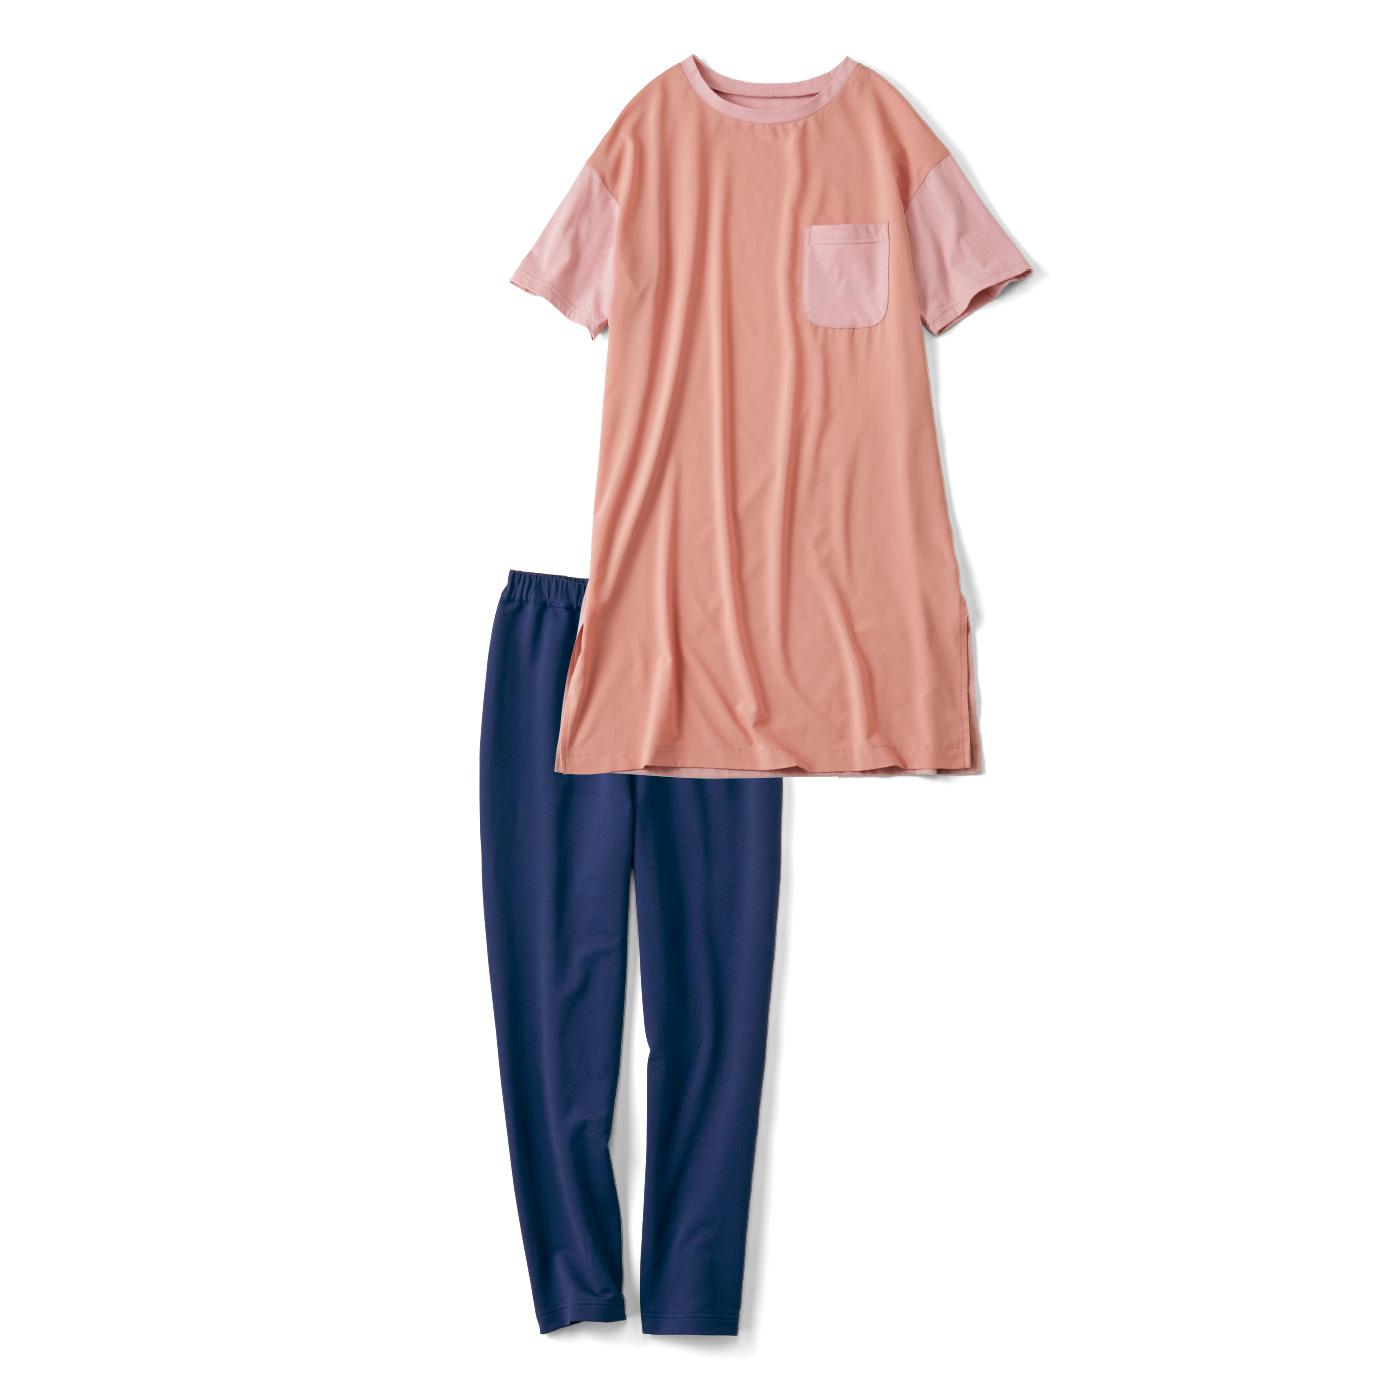 フェリシモ 簡単! 今風シルエットのTシャツワンピ+レギンスセット〈ピンクxネイビー〉